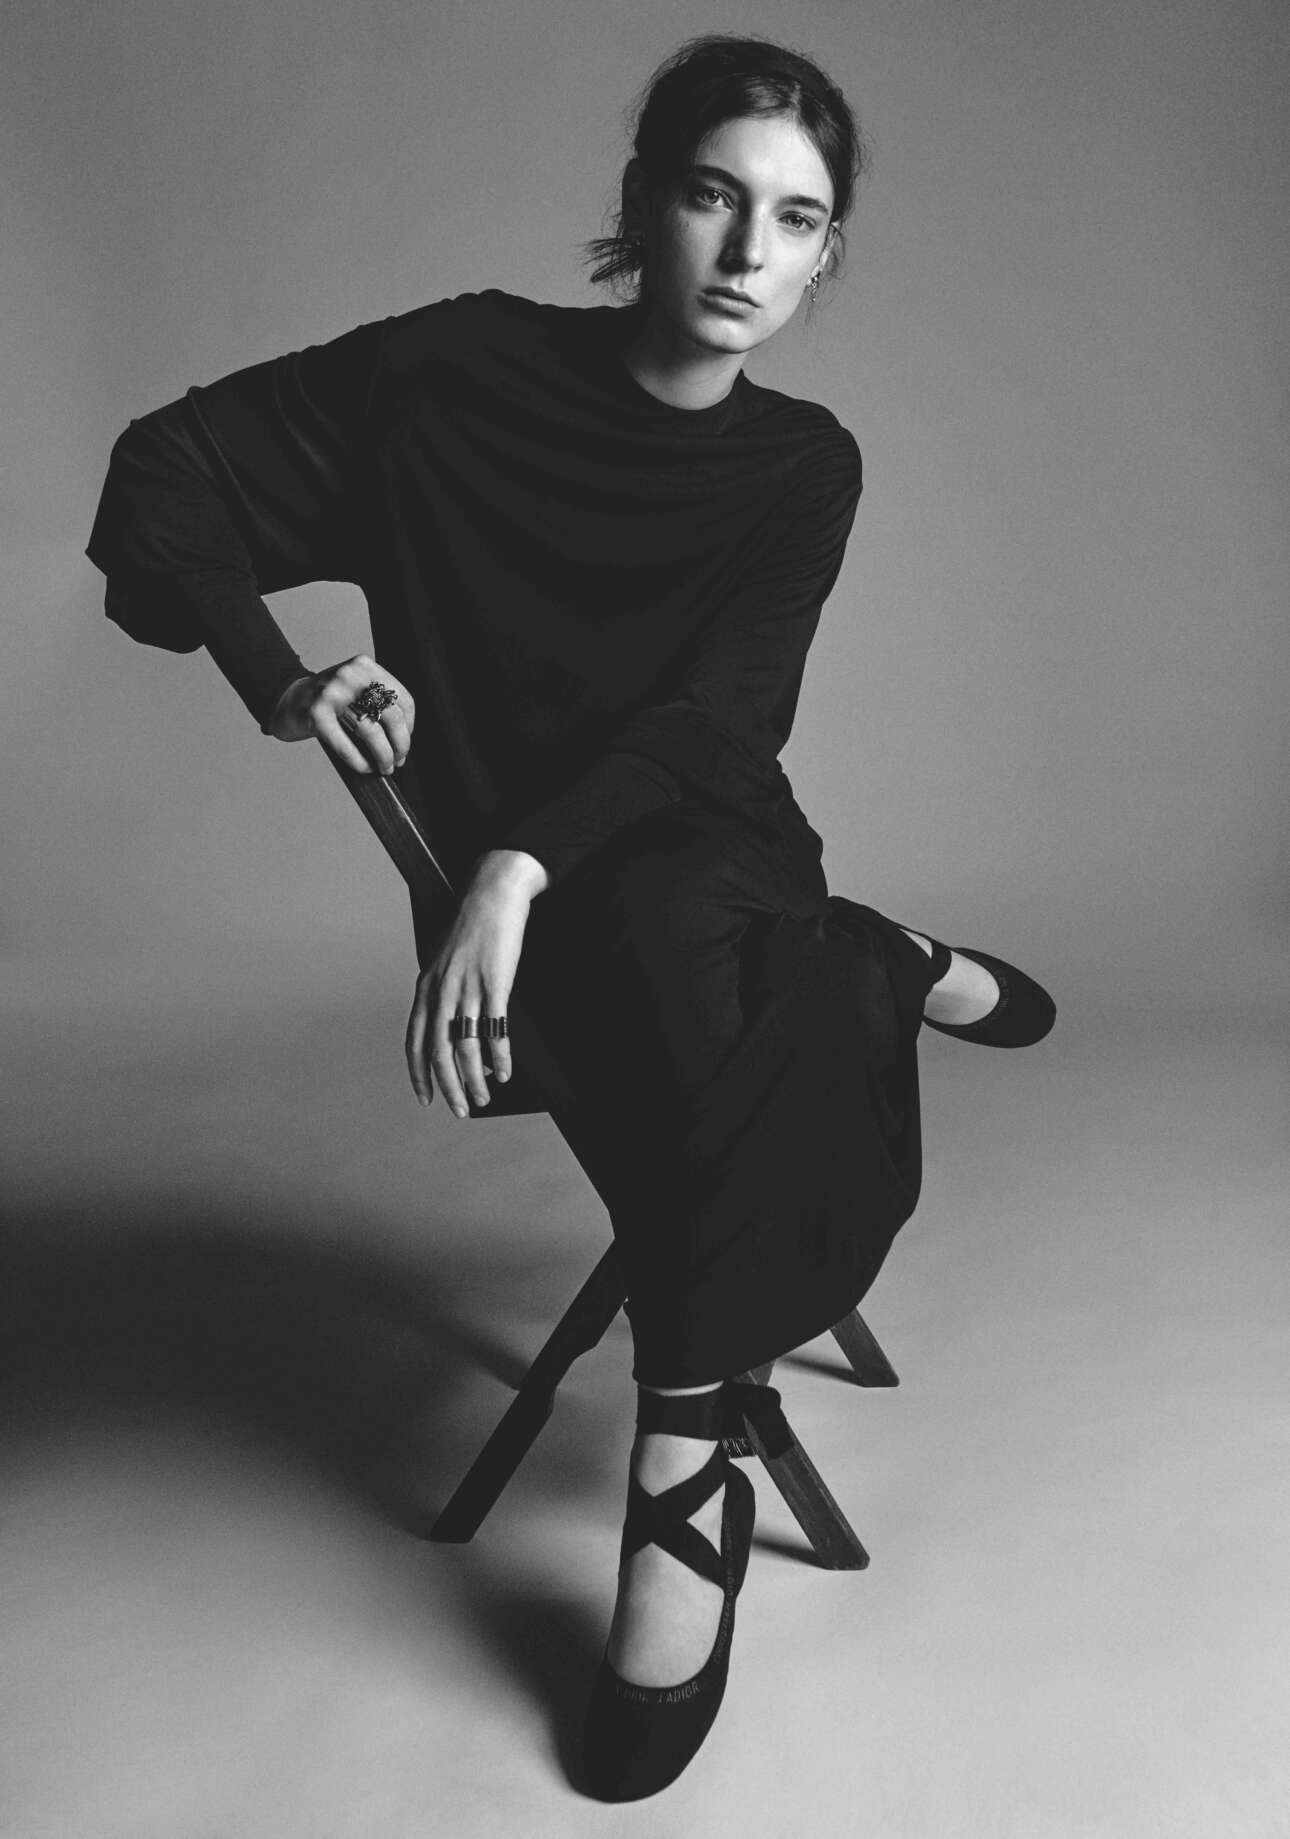 Η Ανσλεϊ Γκιουλέλμι με Dior Ανοιξη-Καλοκαίρι 2019 σε μία υπέροχη ασπρόμαυρη φωτογραφία